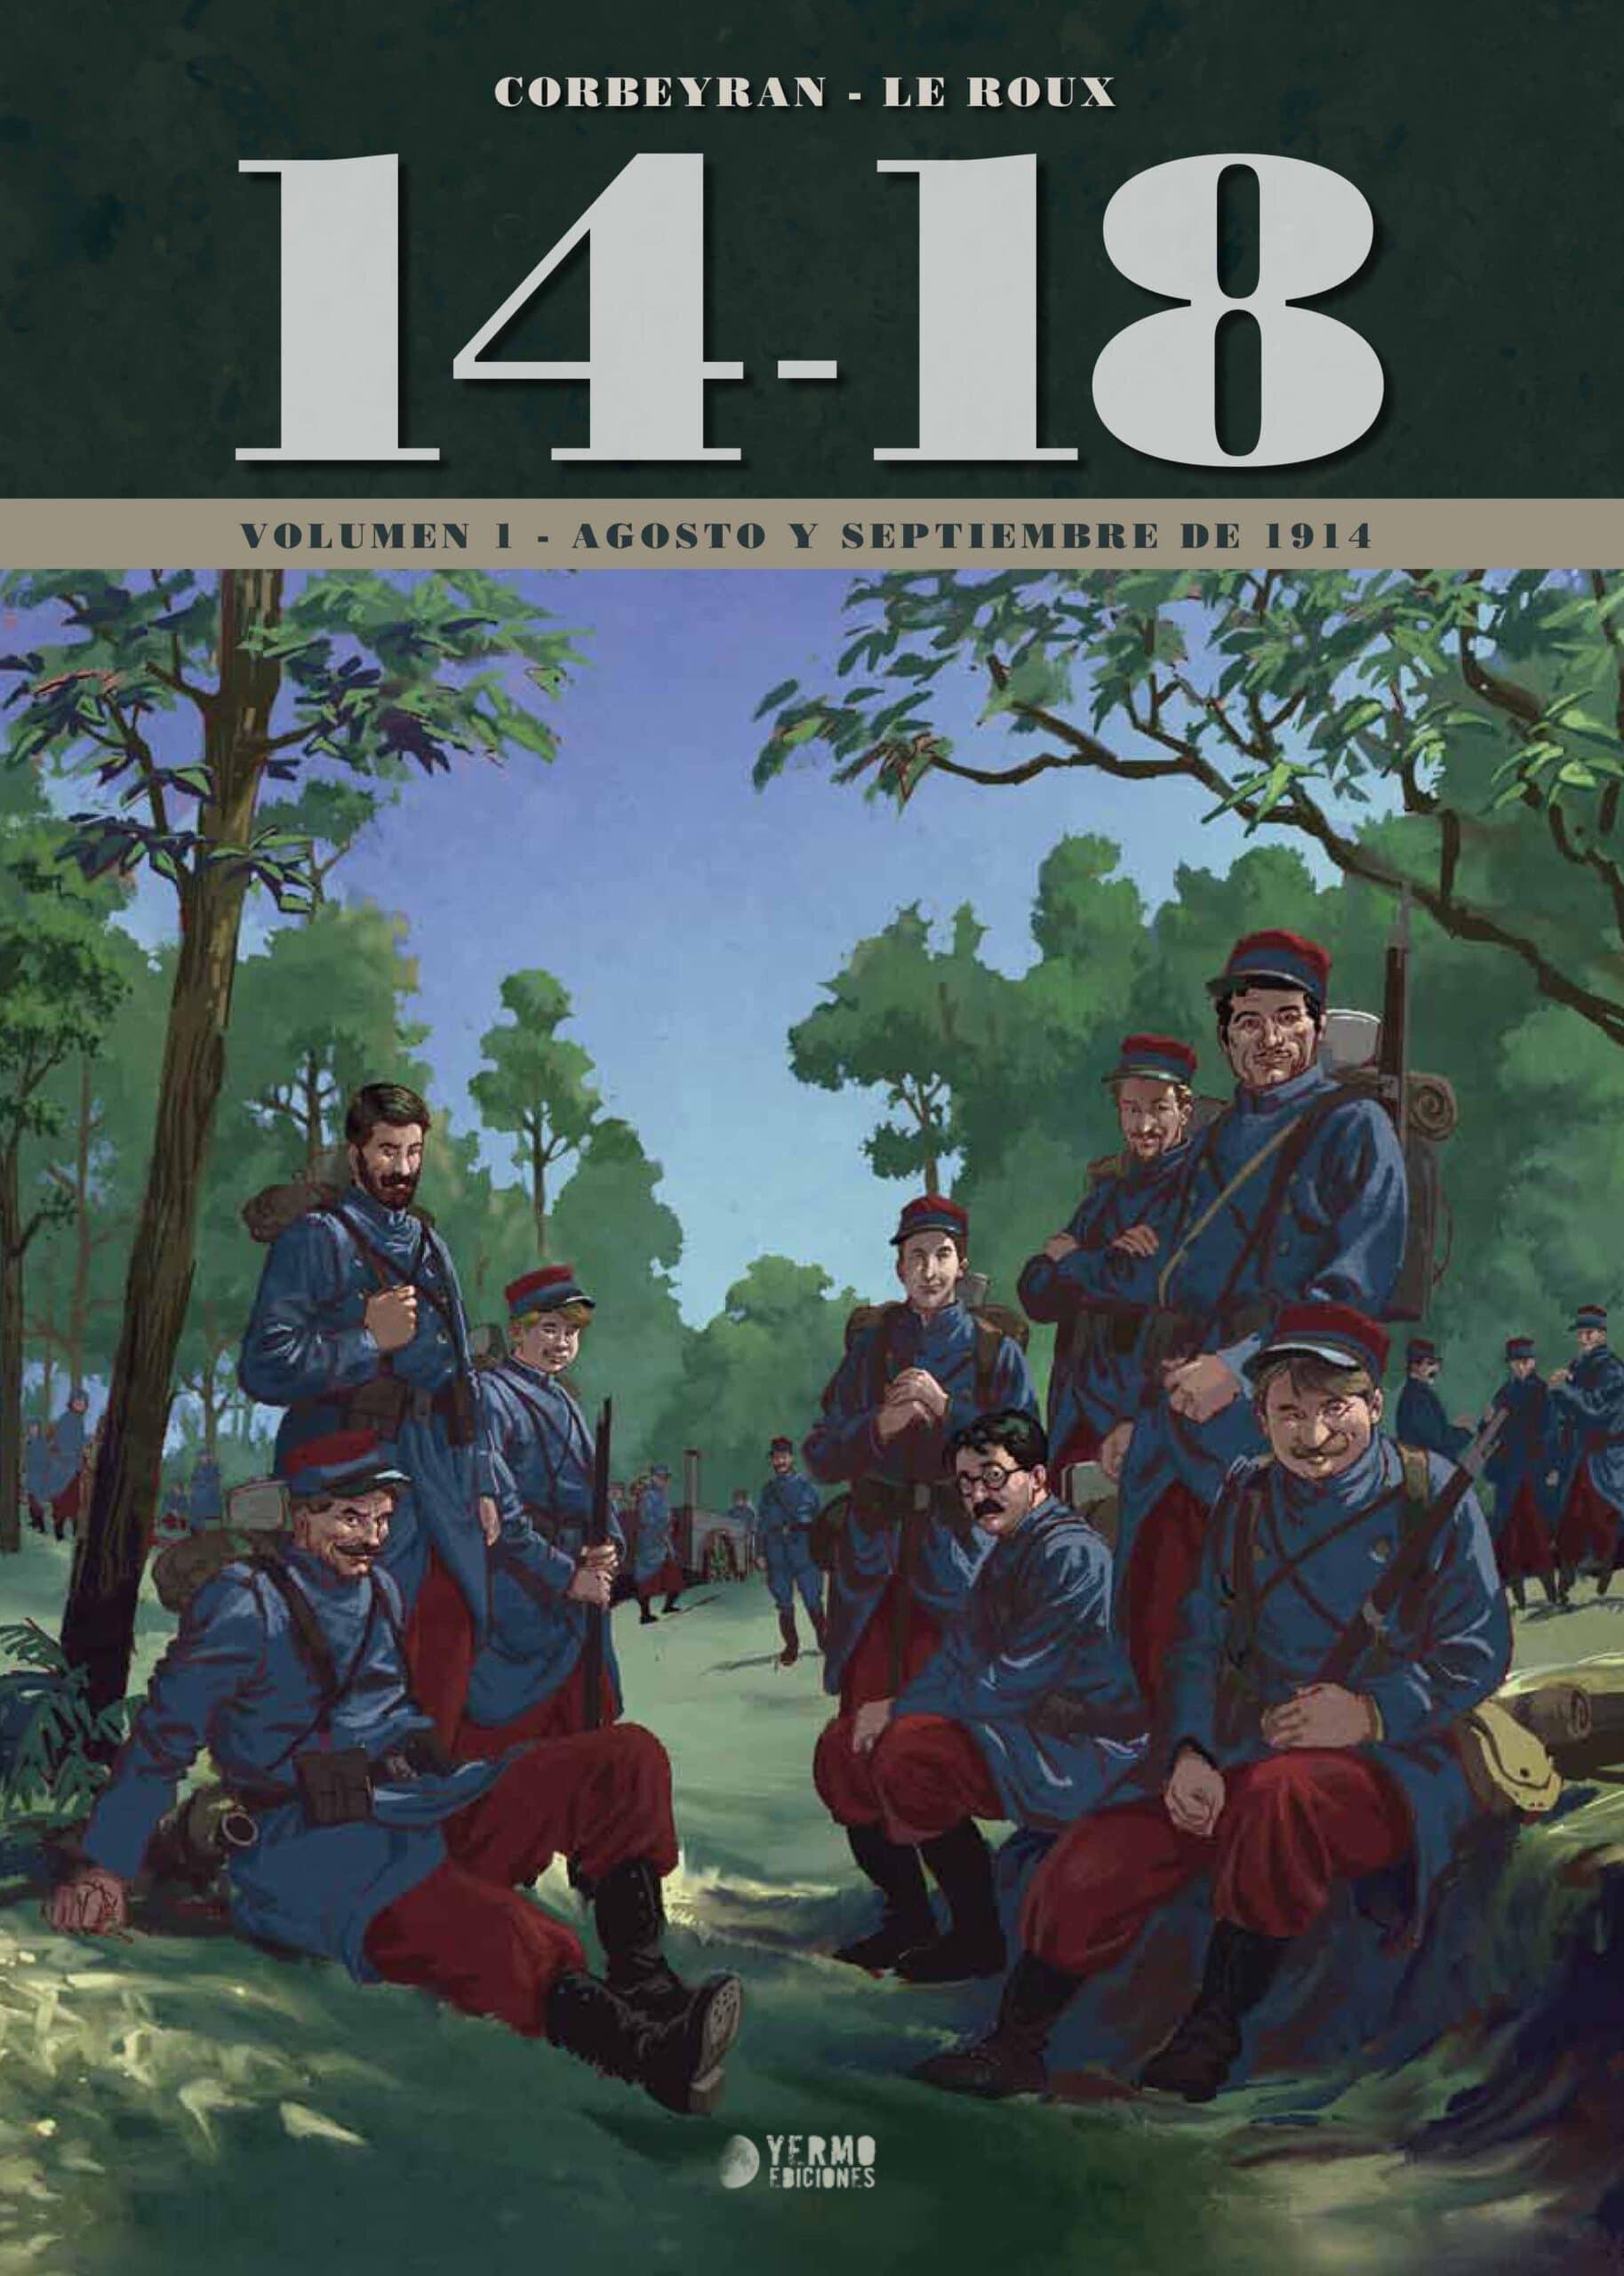 14-18 Volumen 1